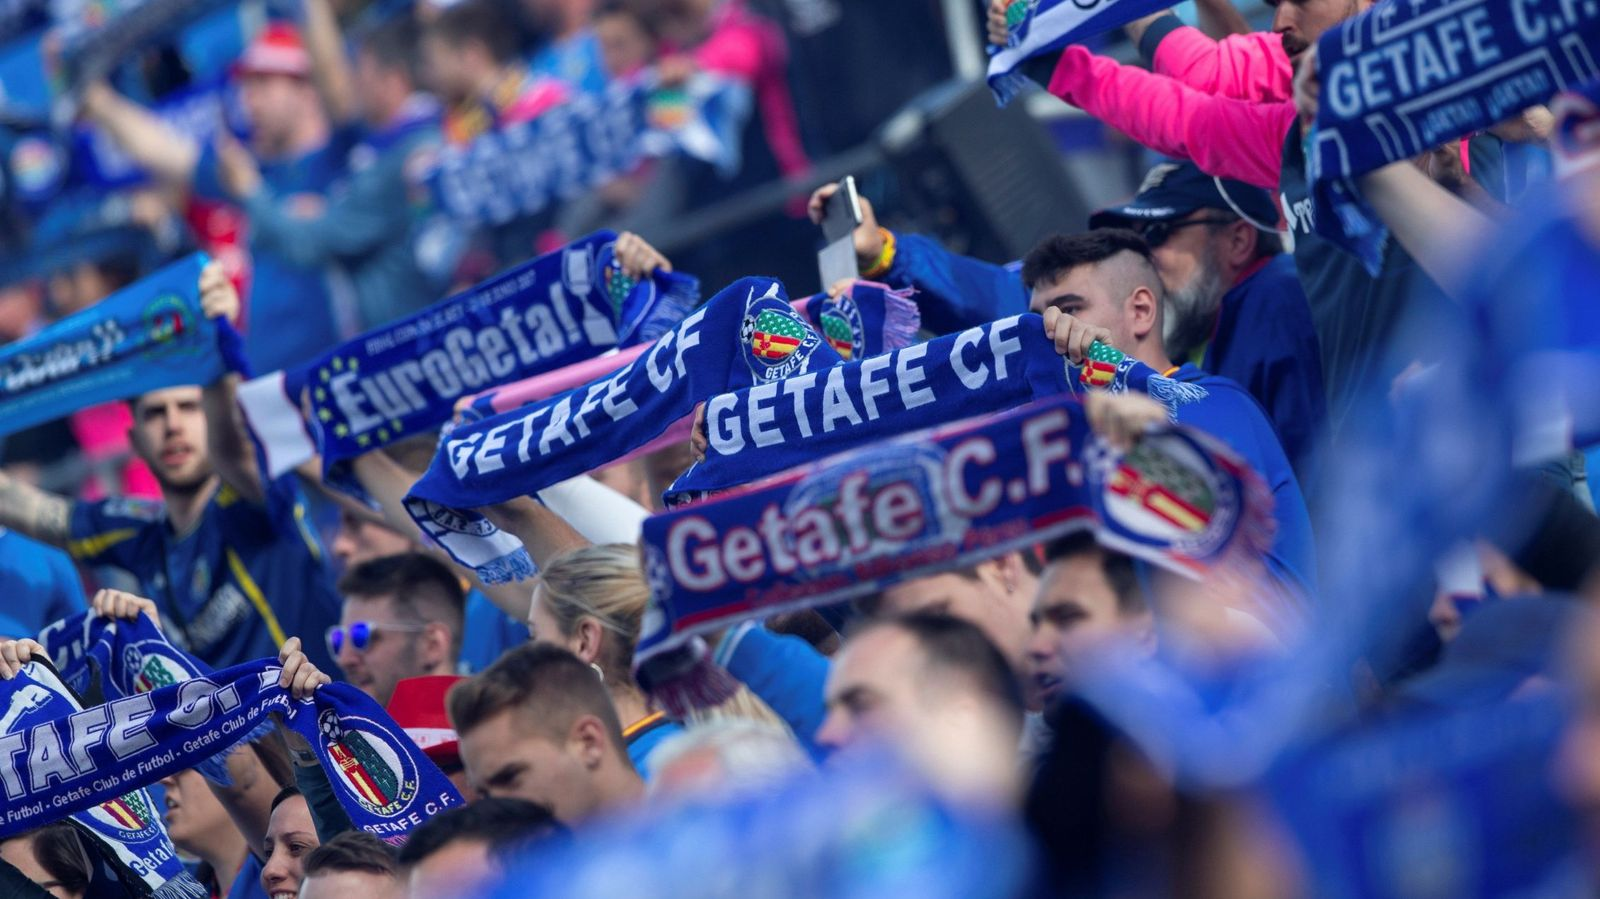 Getafe Resultado Y Resumen Hoy En Directo: Villarreal En Directo: Resumen, Goles Y Resultado